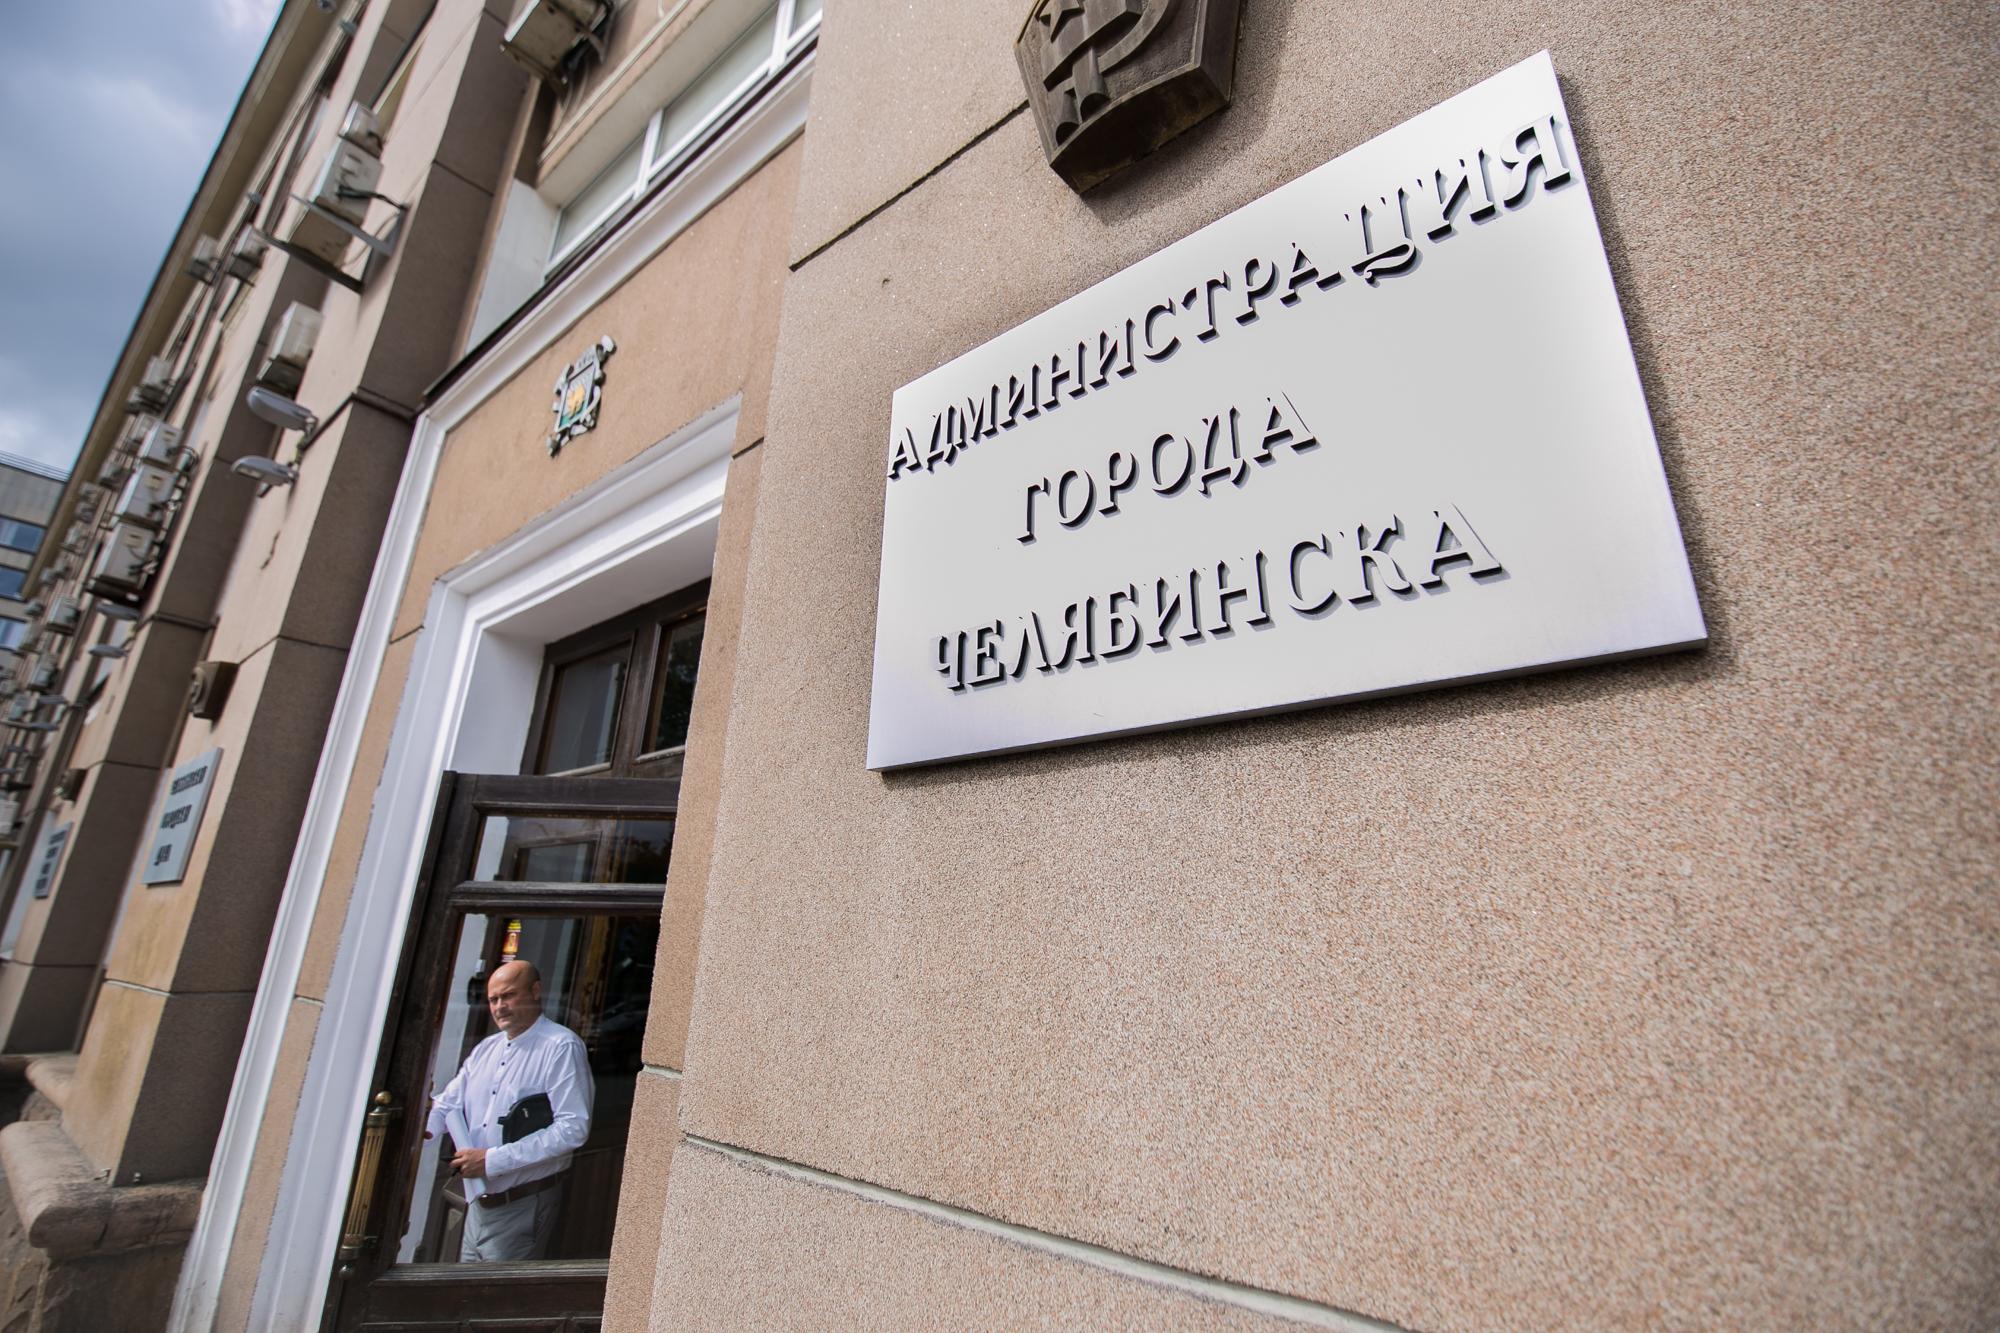 Граждане Челябинска смогут попасть наприем клюбому чиновнику мэрии без записи